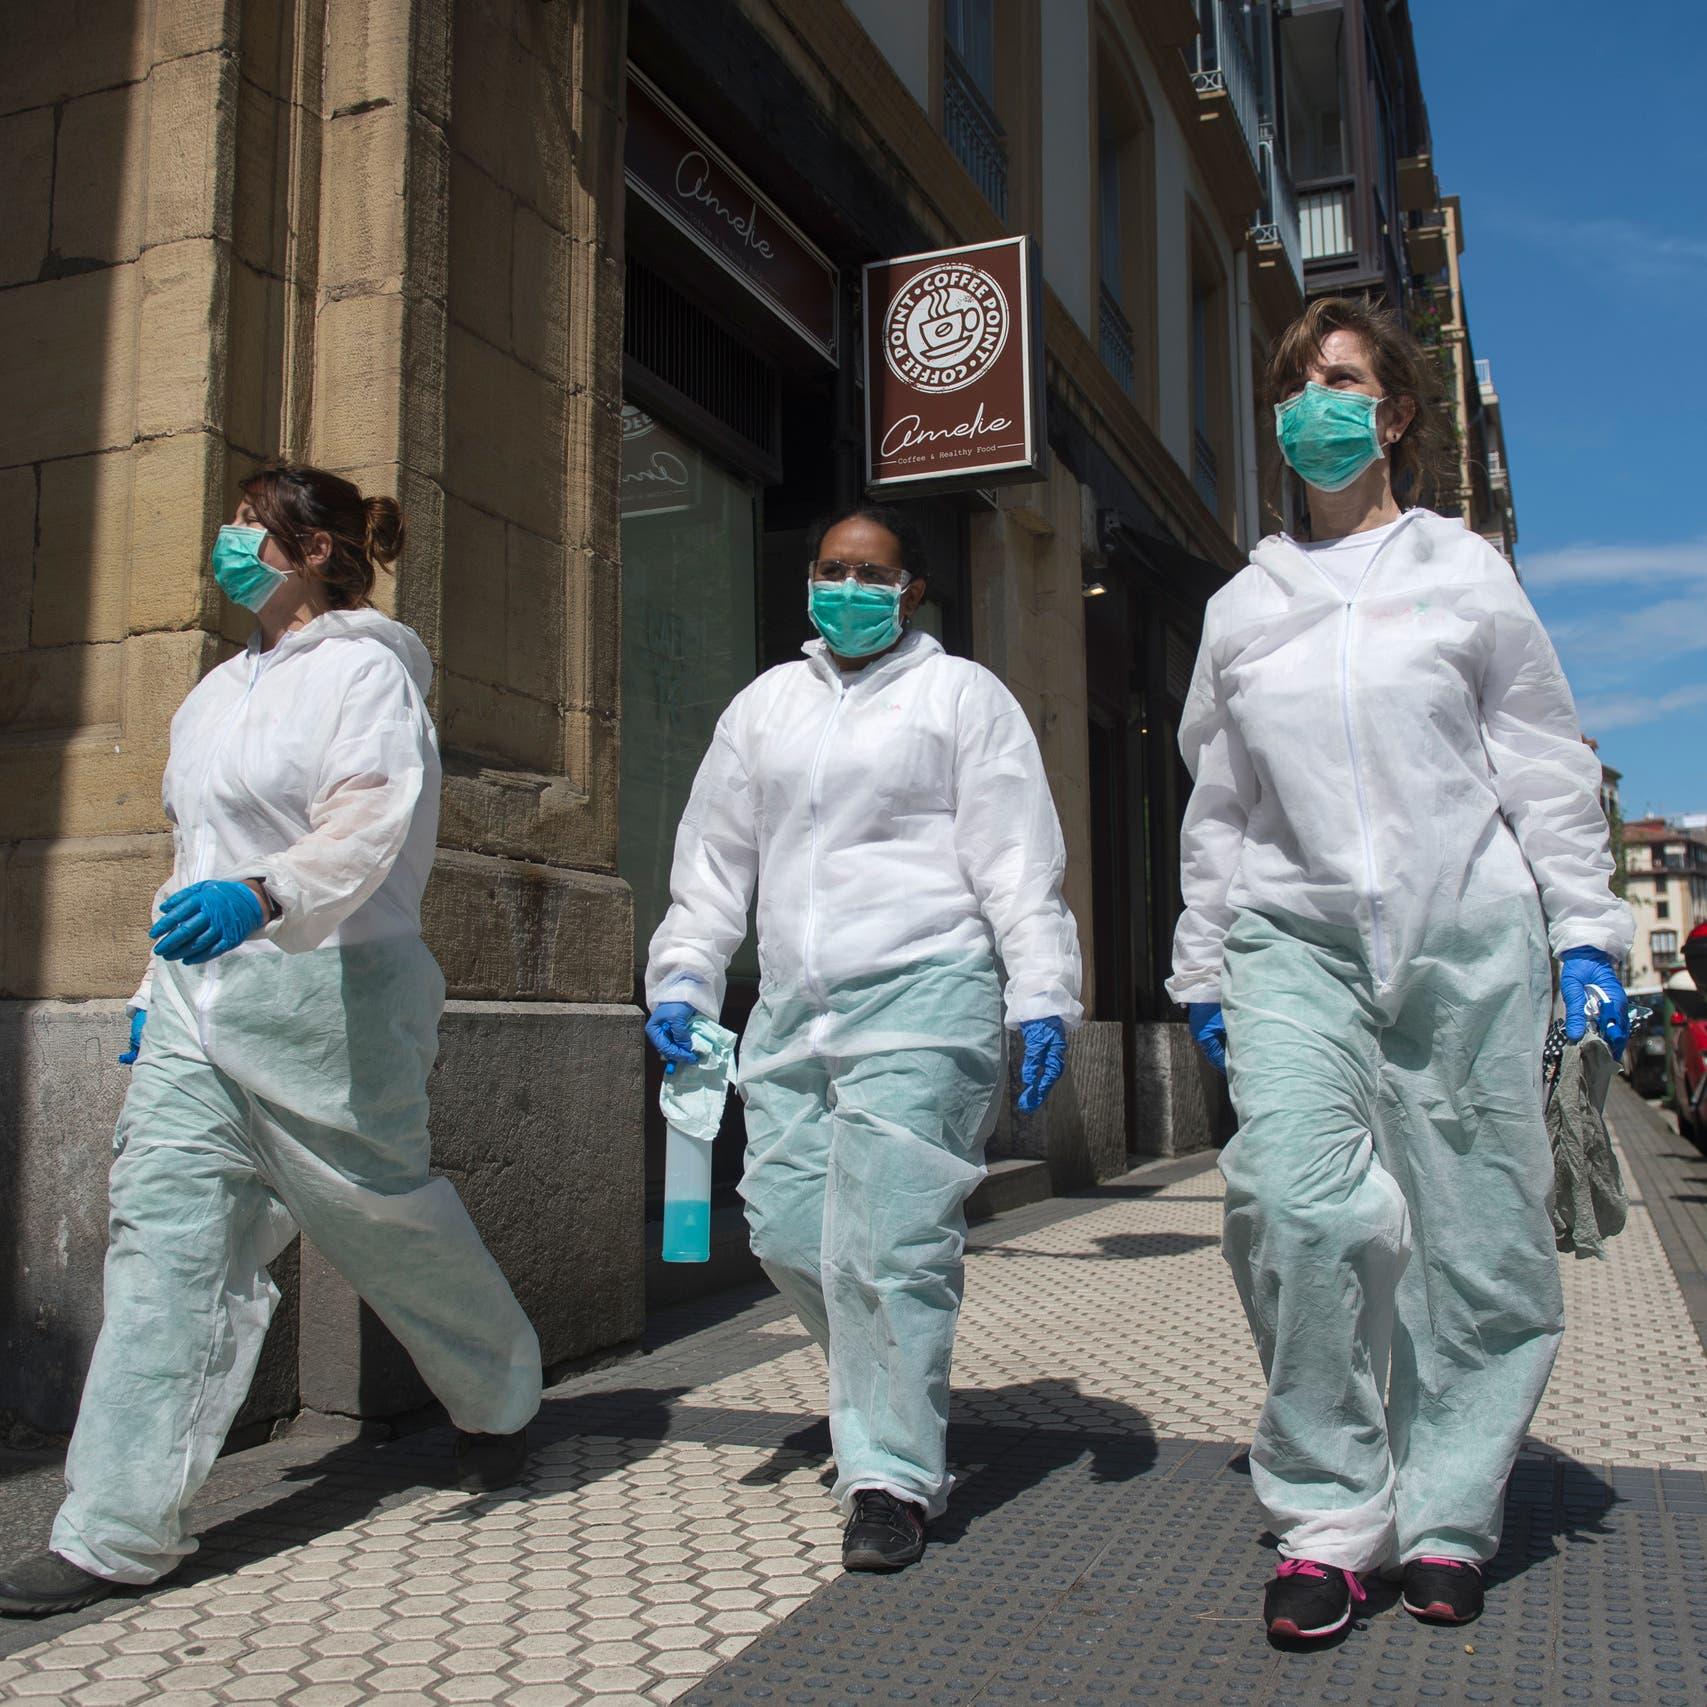 معظمهم بأوروبا وأميركا..أكثر من 2.5 مليون إصابة بكورونا